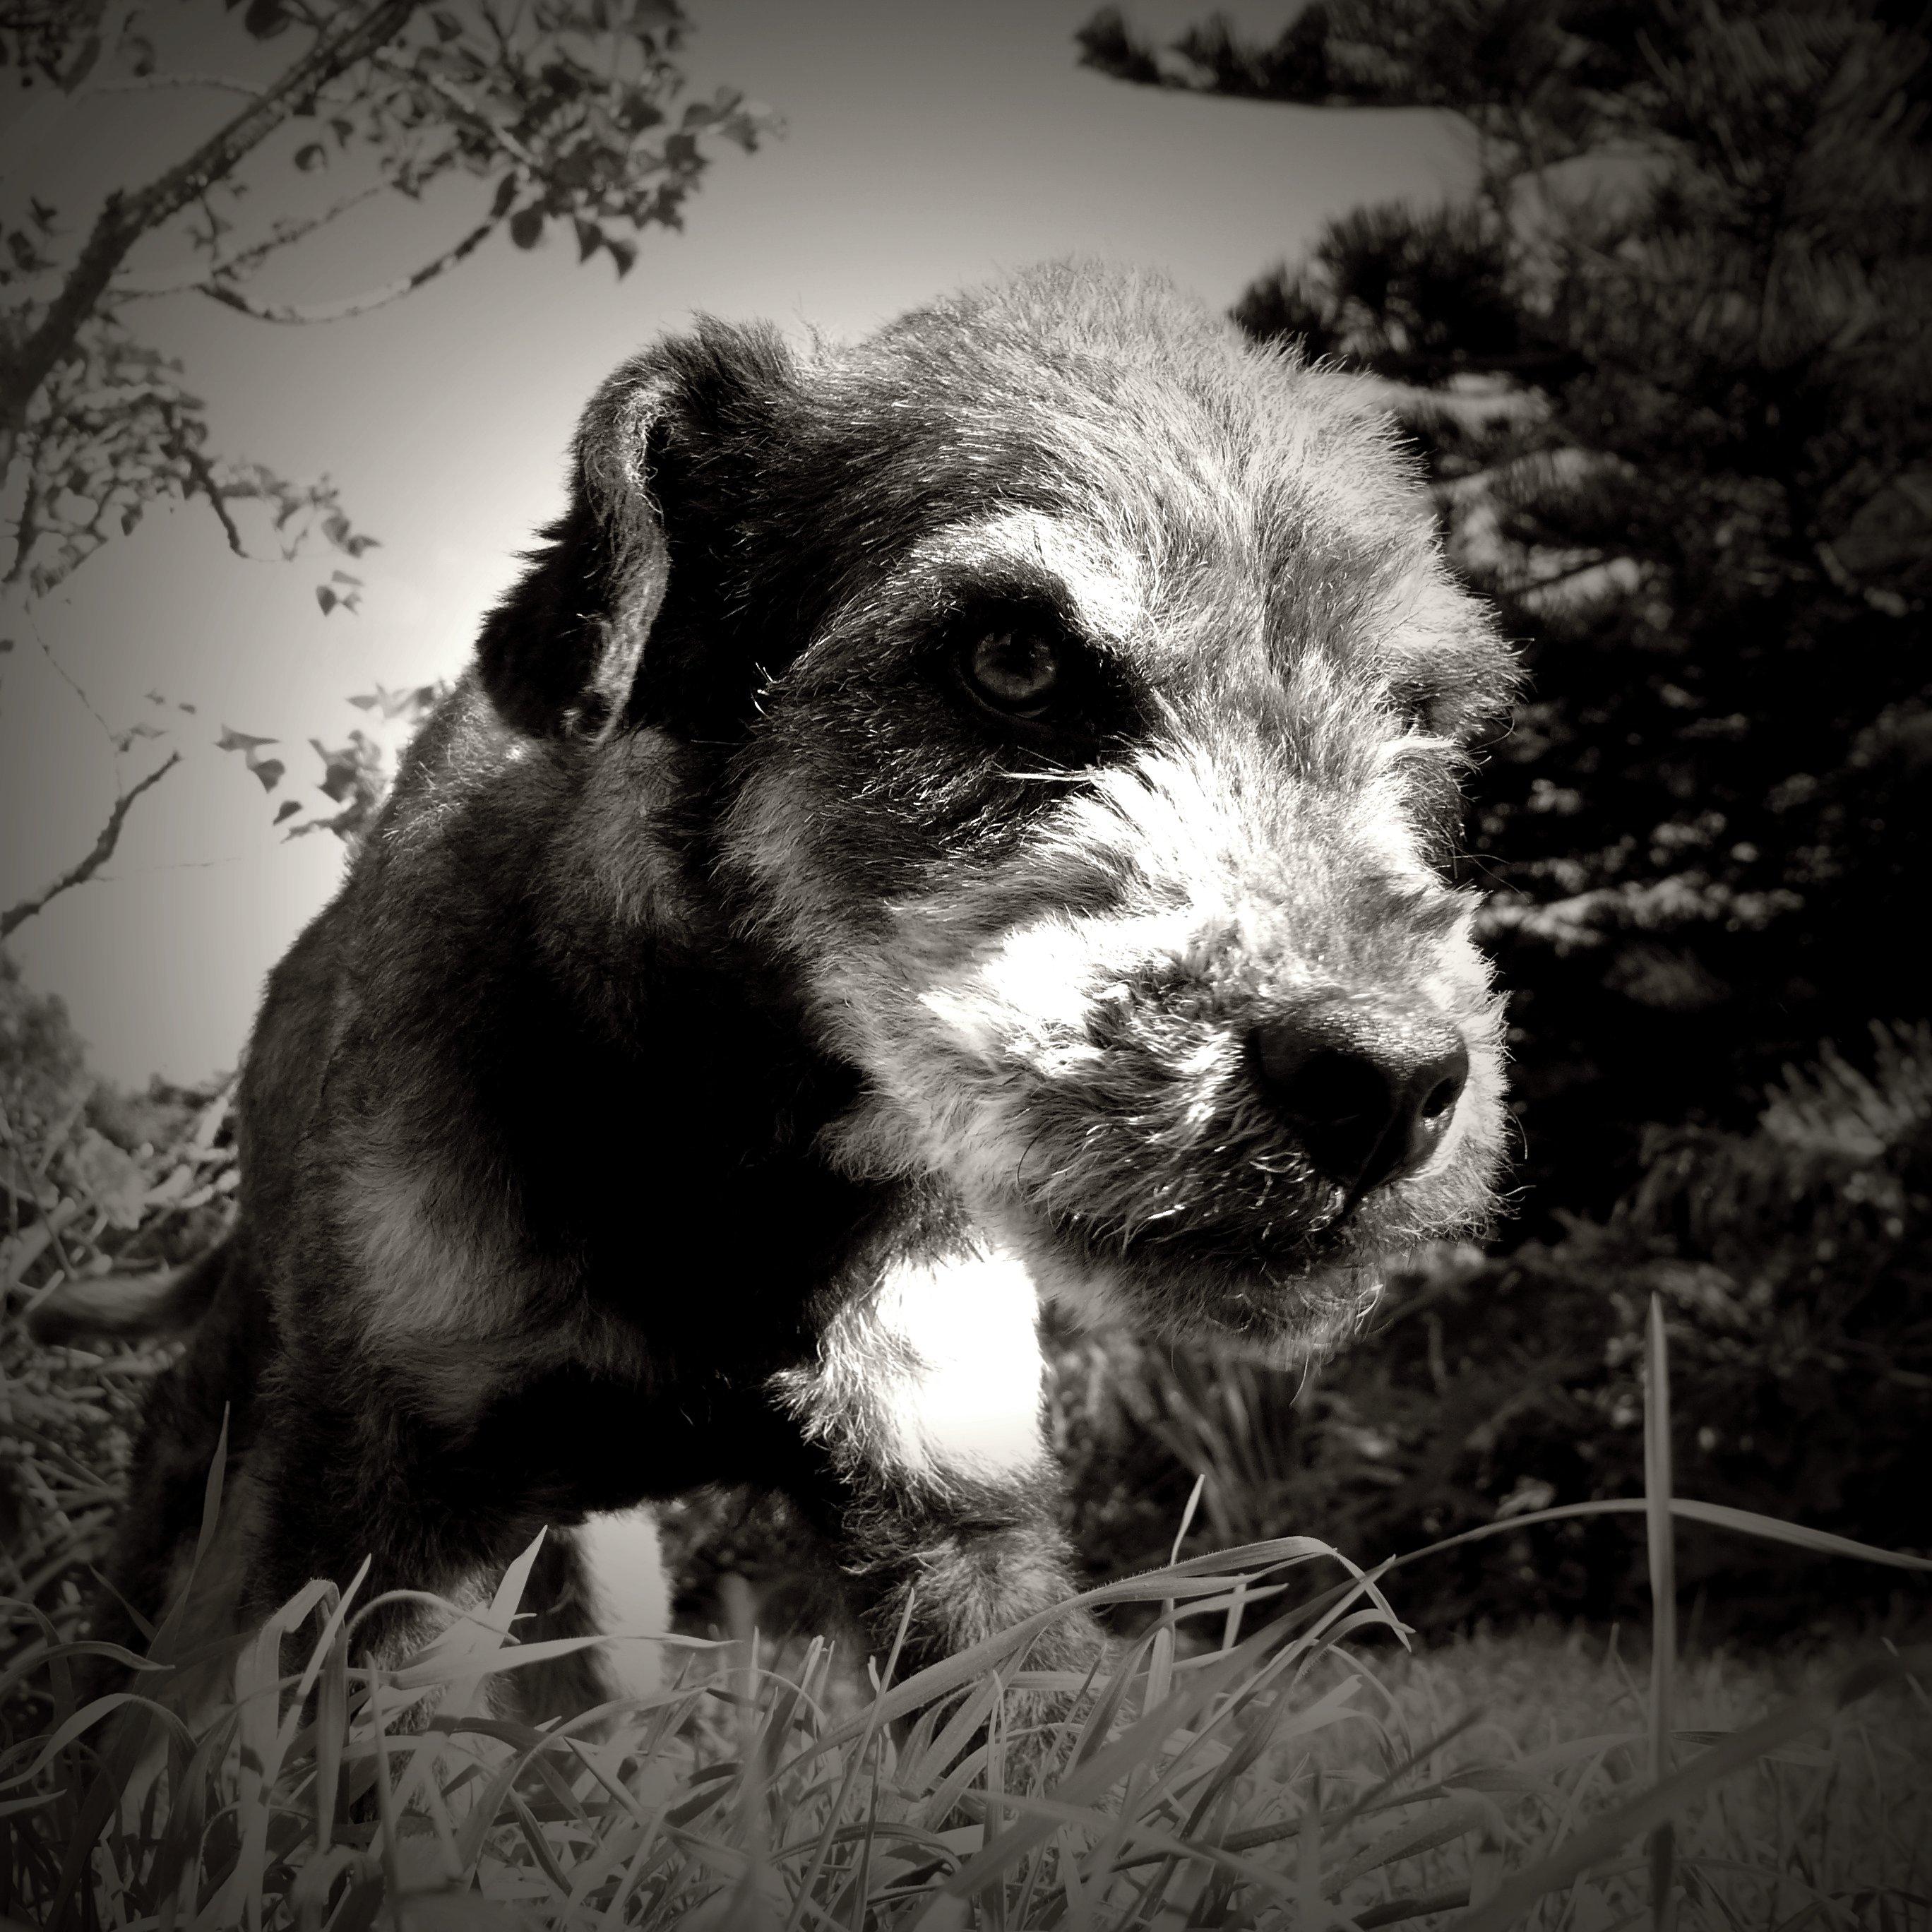 Barradas, the dog